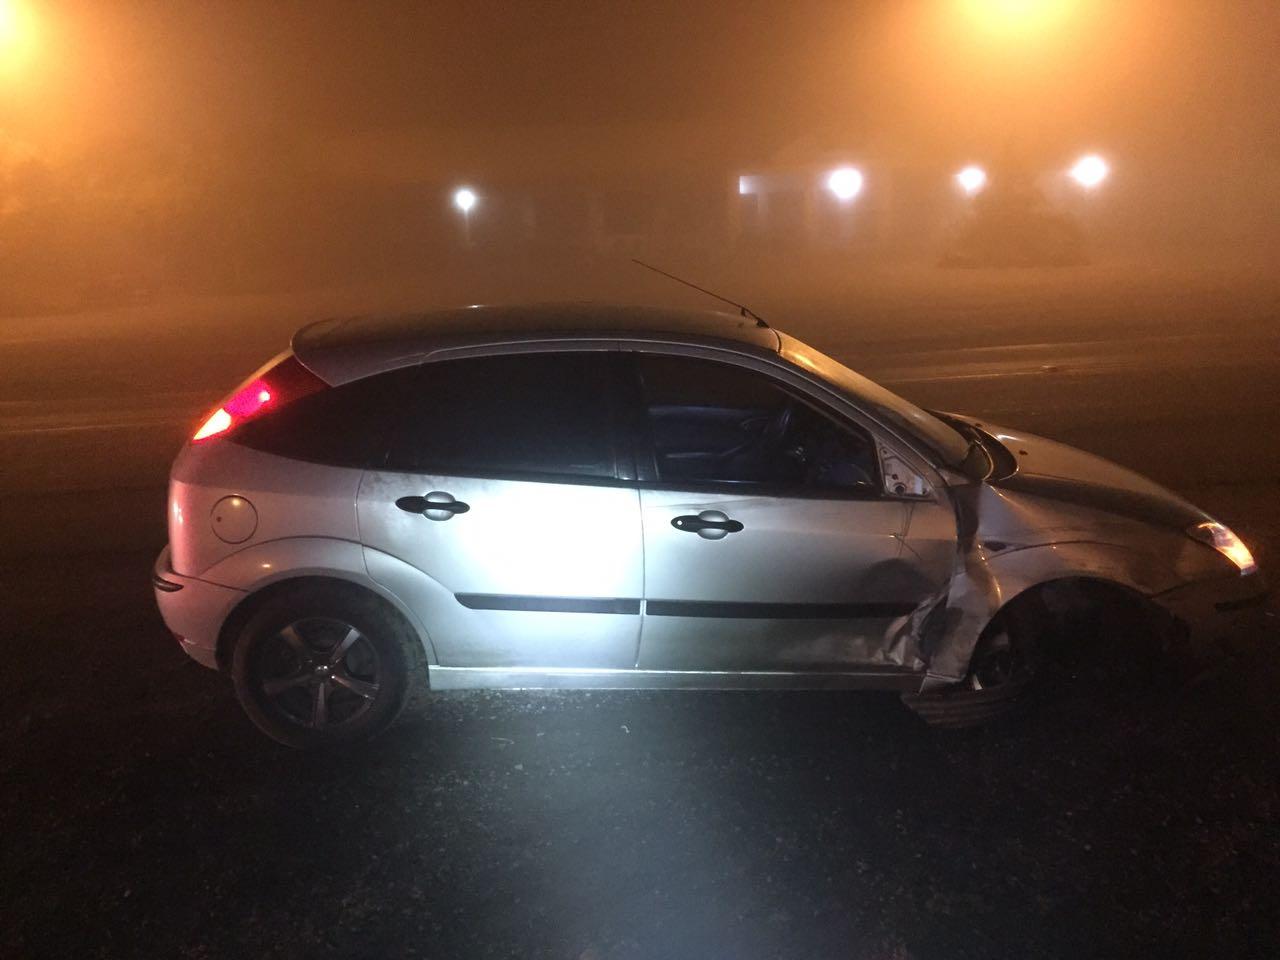 Jovem morre em acidente de trânsito na BR-470 em Veranópolis